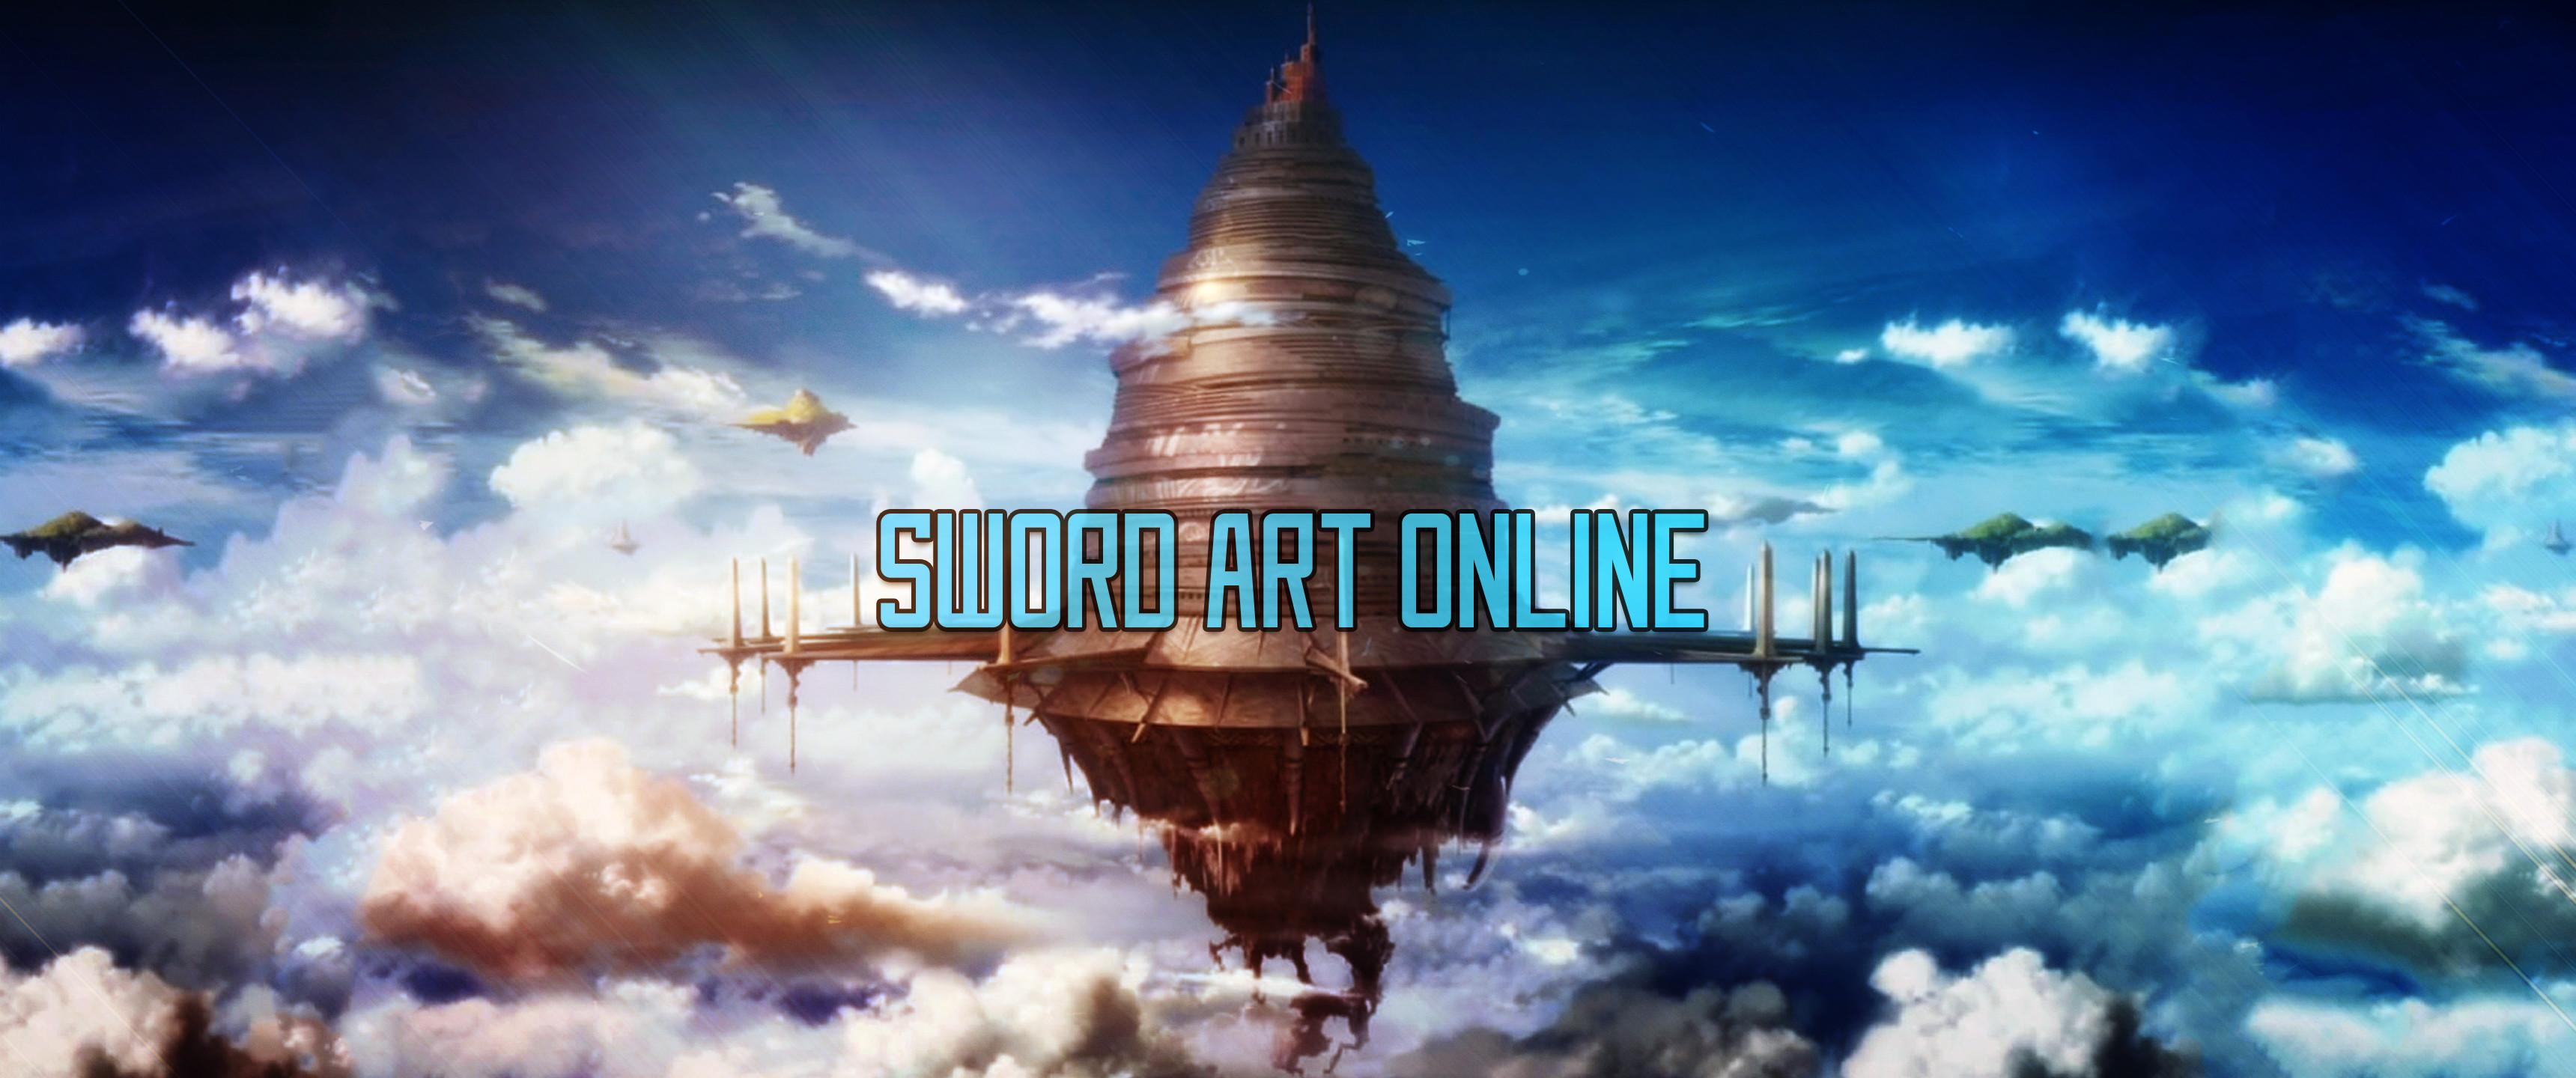 sword art online wallpapers